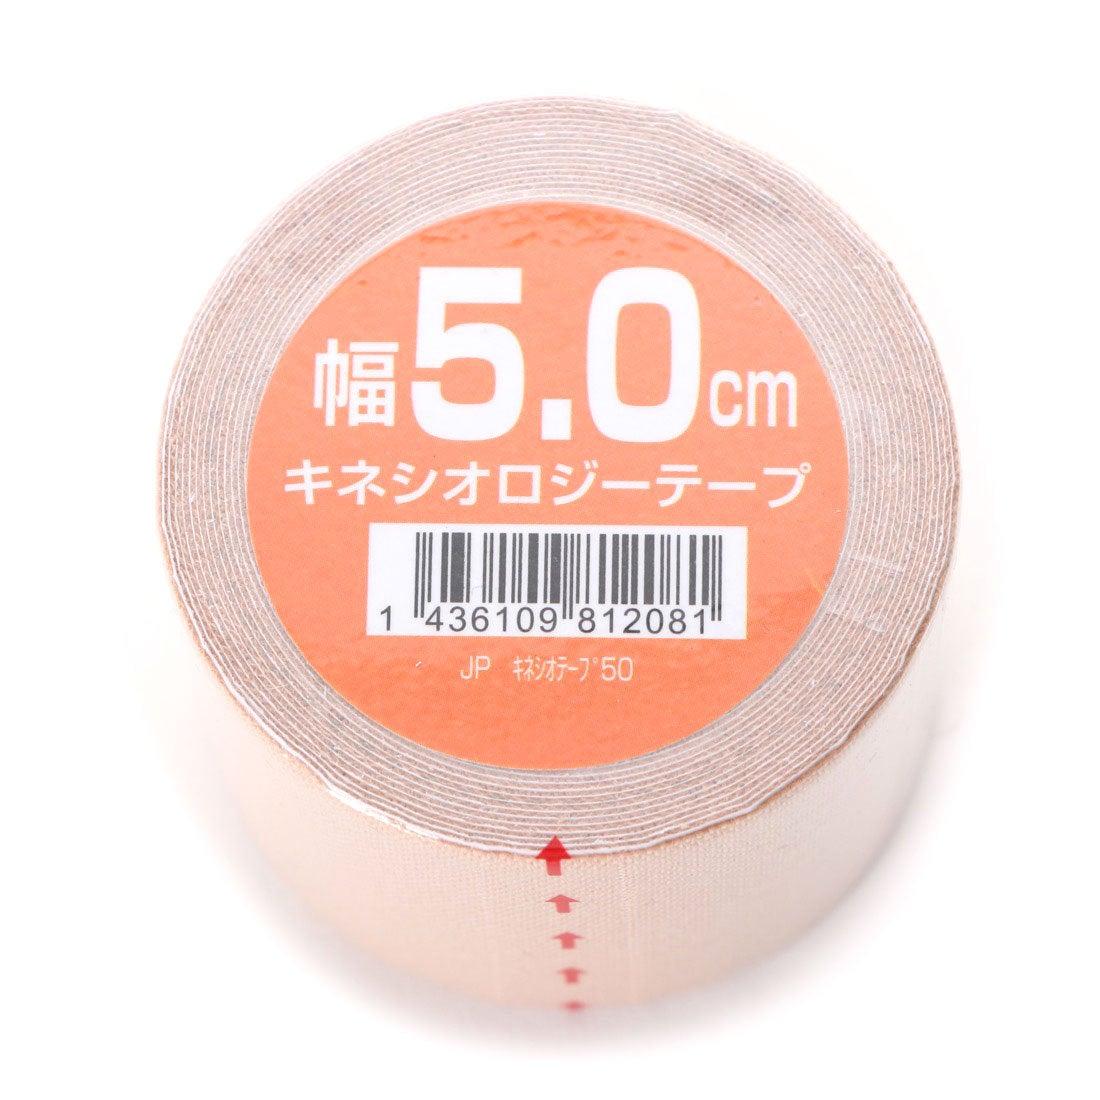 アルペンセレクト Alpen select 伸縮テーピング 50mm×1巻 JP キネシオテープ50